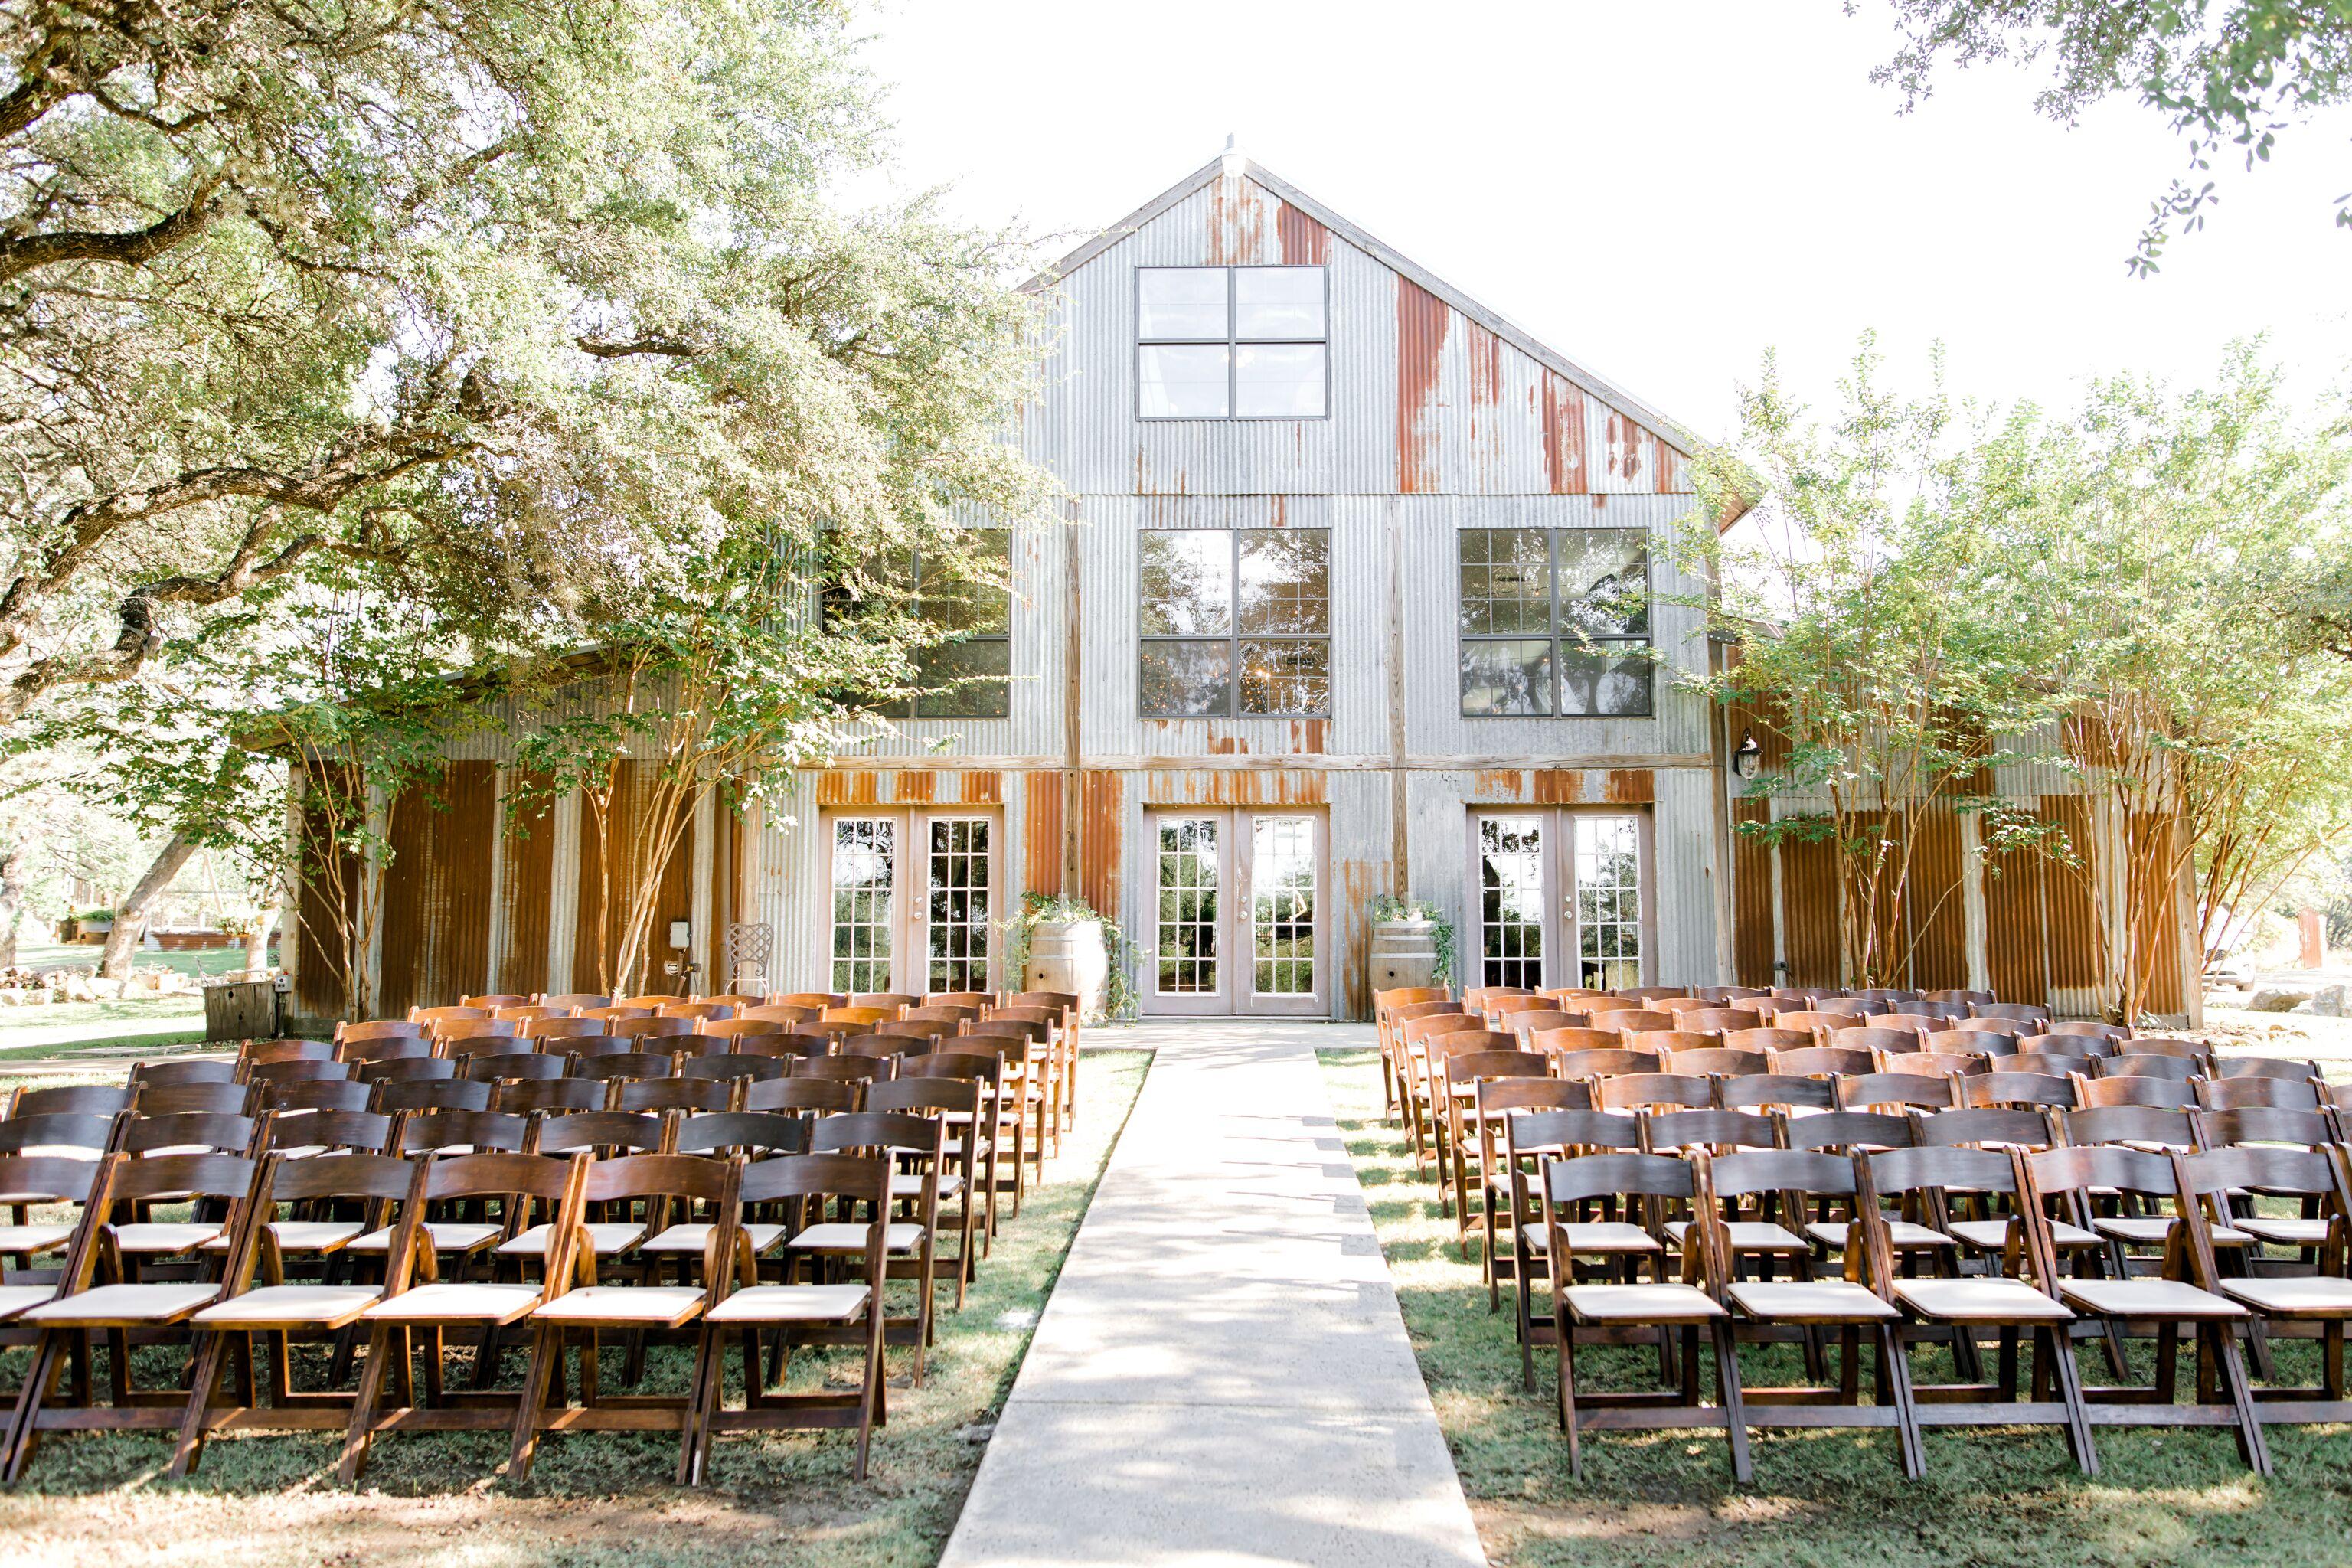 Vista West Ranch - Top Dripping Springs, TX Wedding Venue